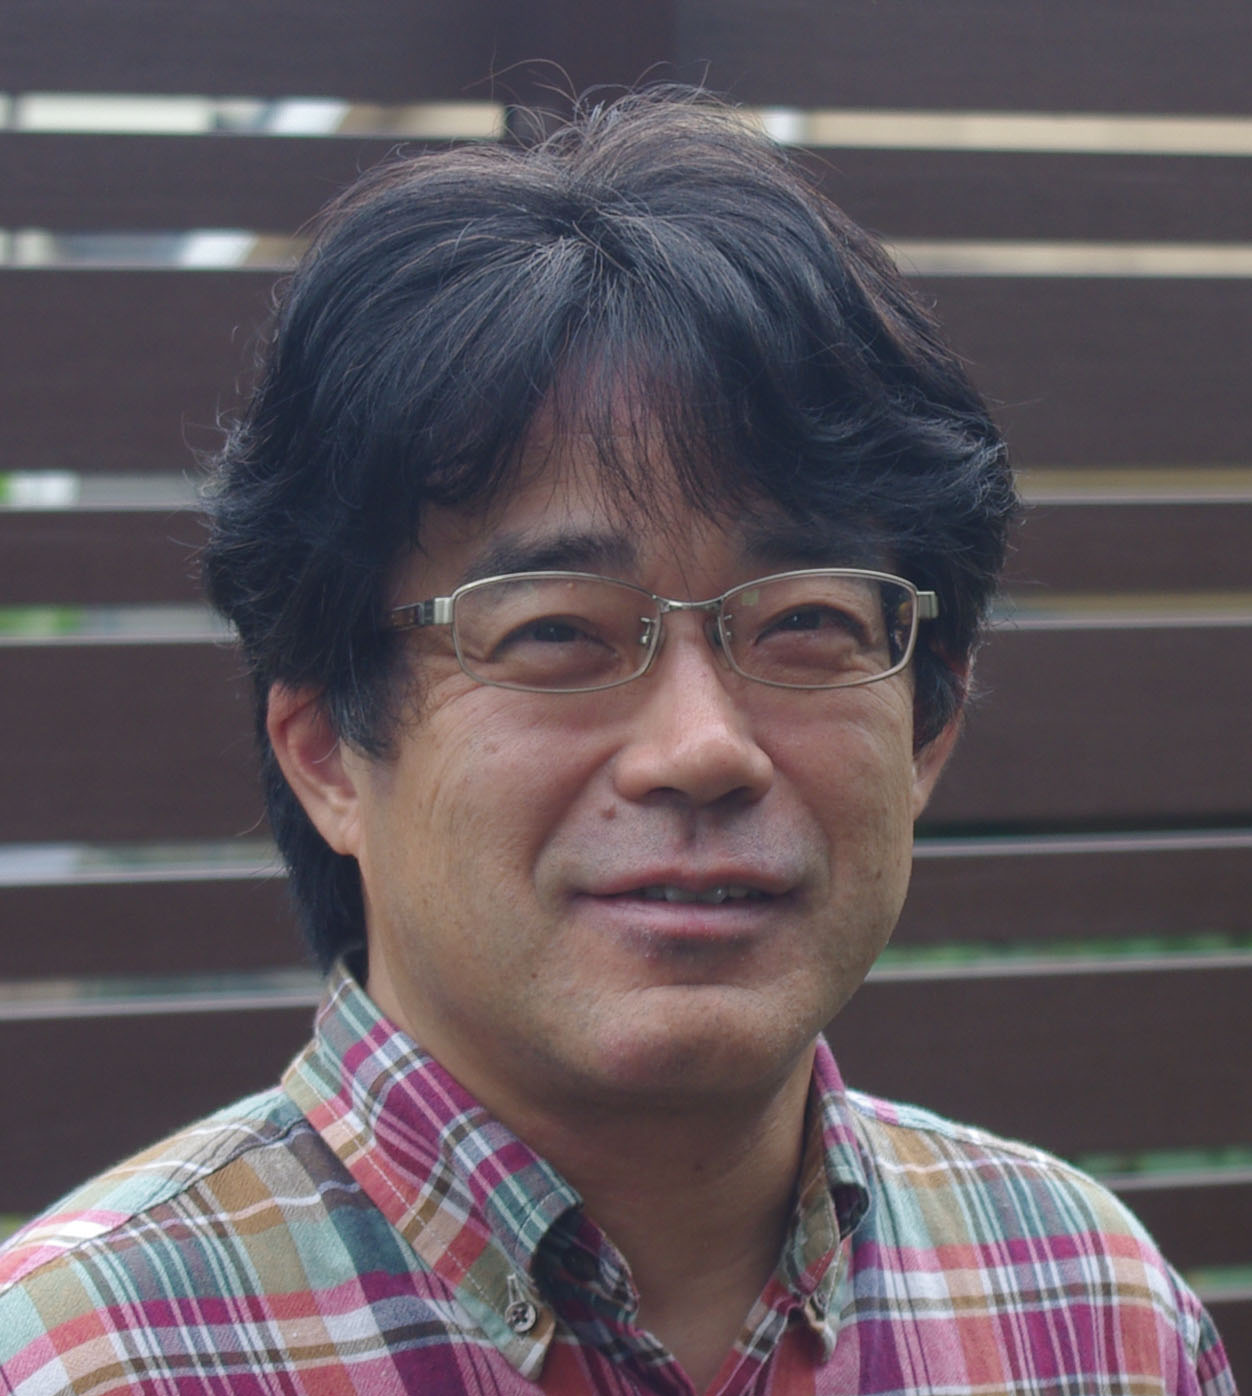 Portrait of Tsutomu Kawasaki